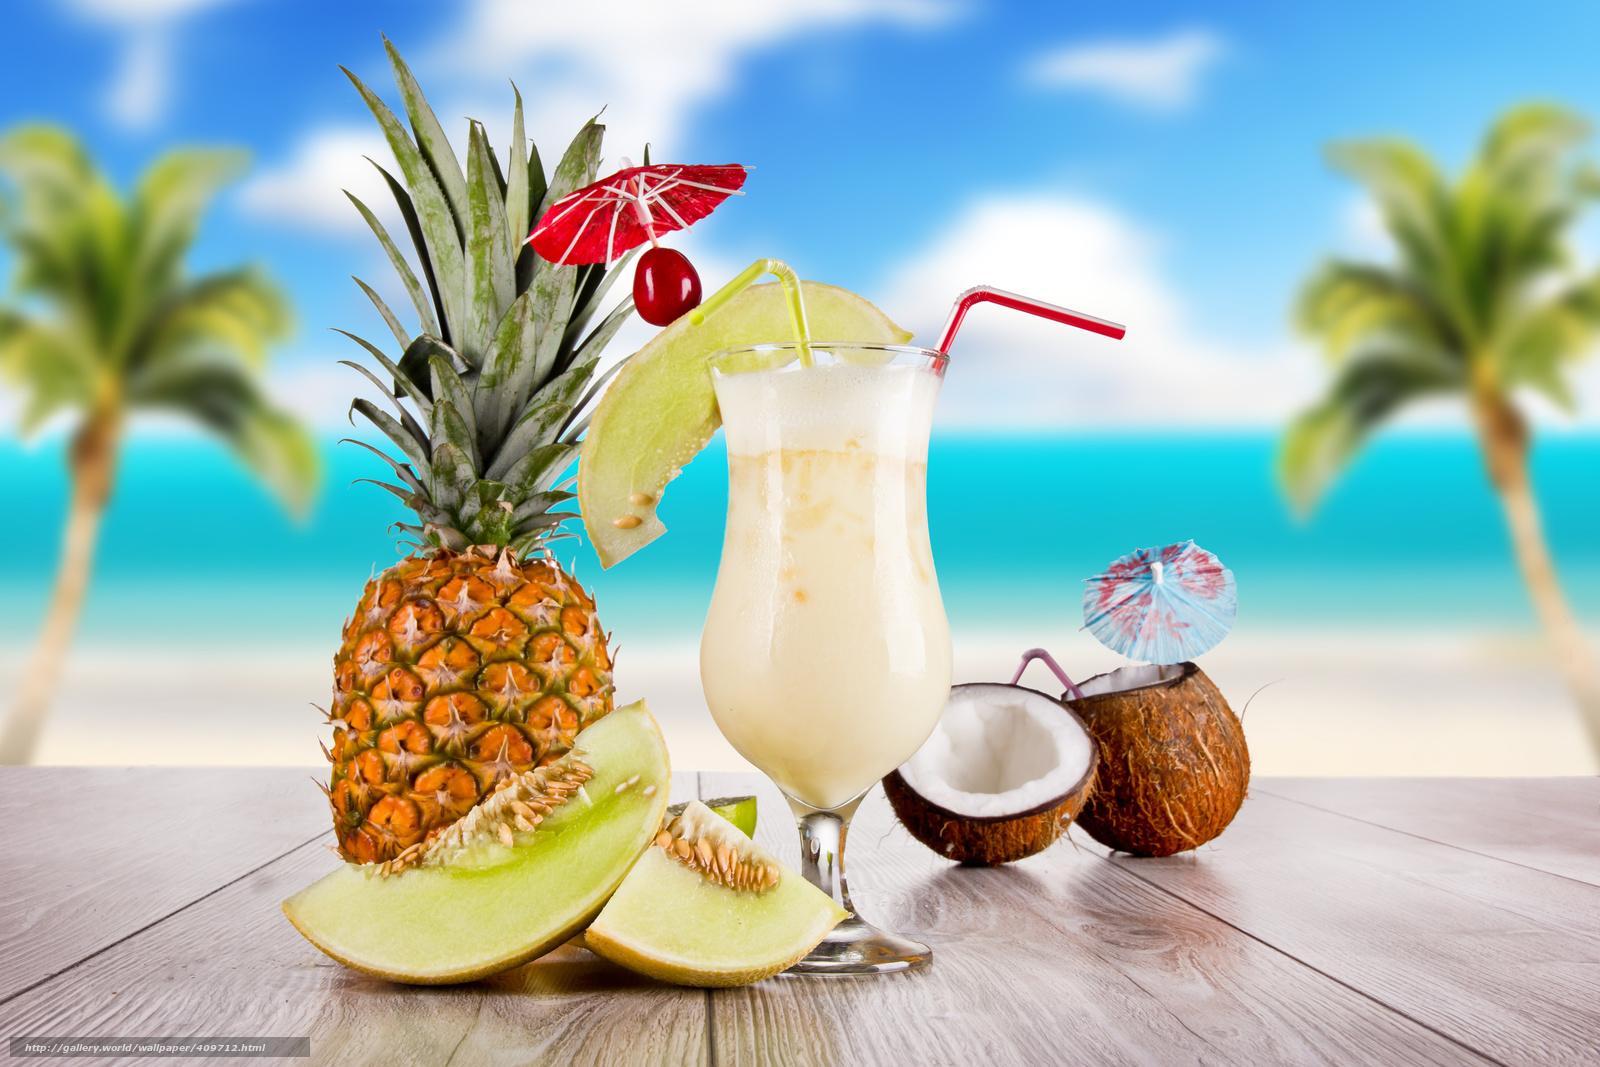 Tlcharger fond d 39 ecran cocktail verre vin noix de coco for Fond d ecran gratuit 974